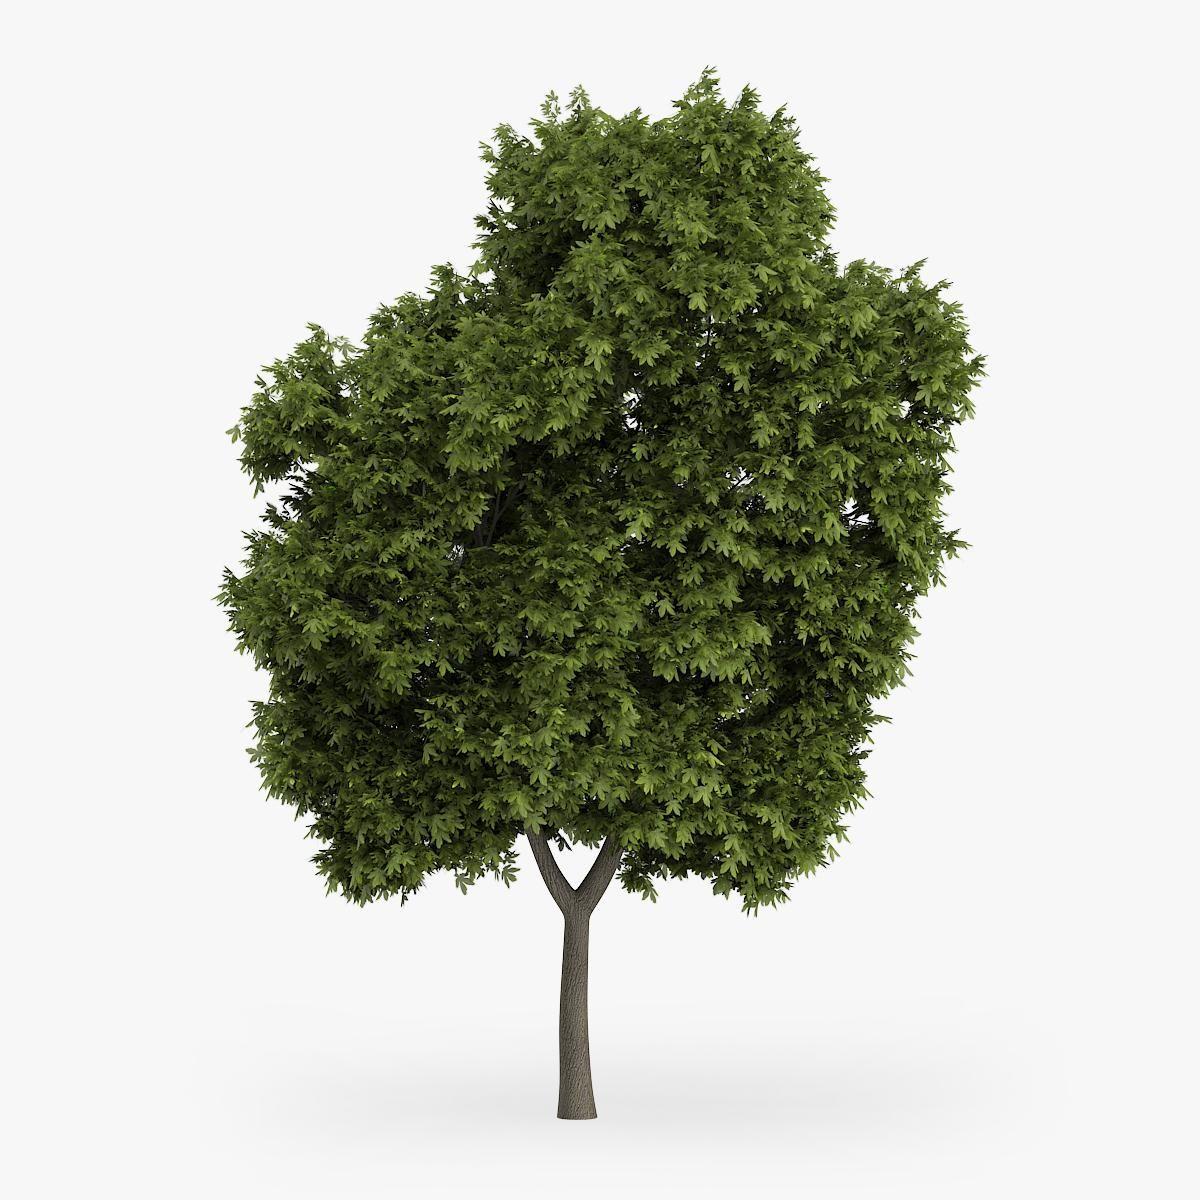 Greek Maple Tree 8m 3D Model ,#Maple#Greek#Model#Tree